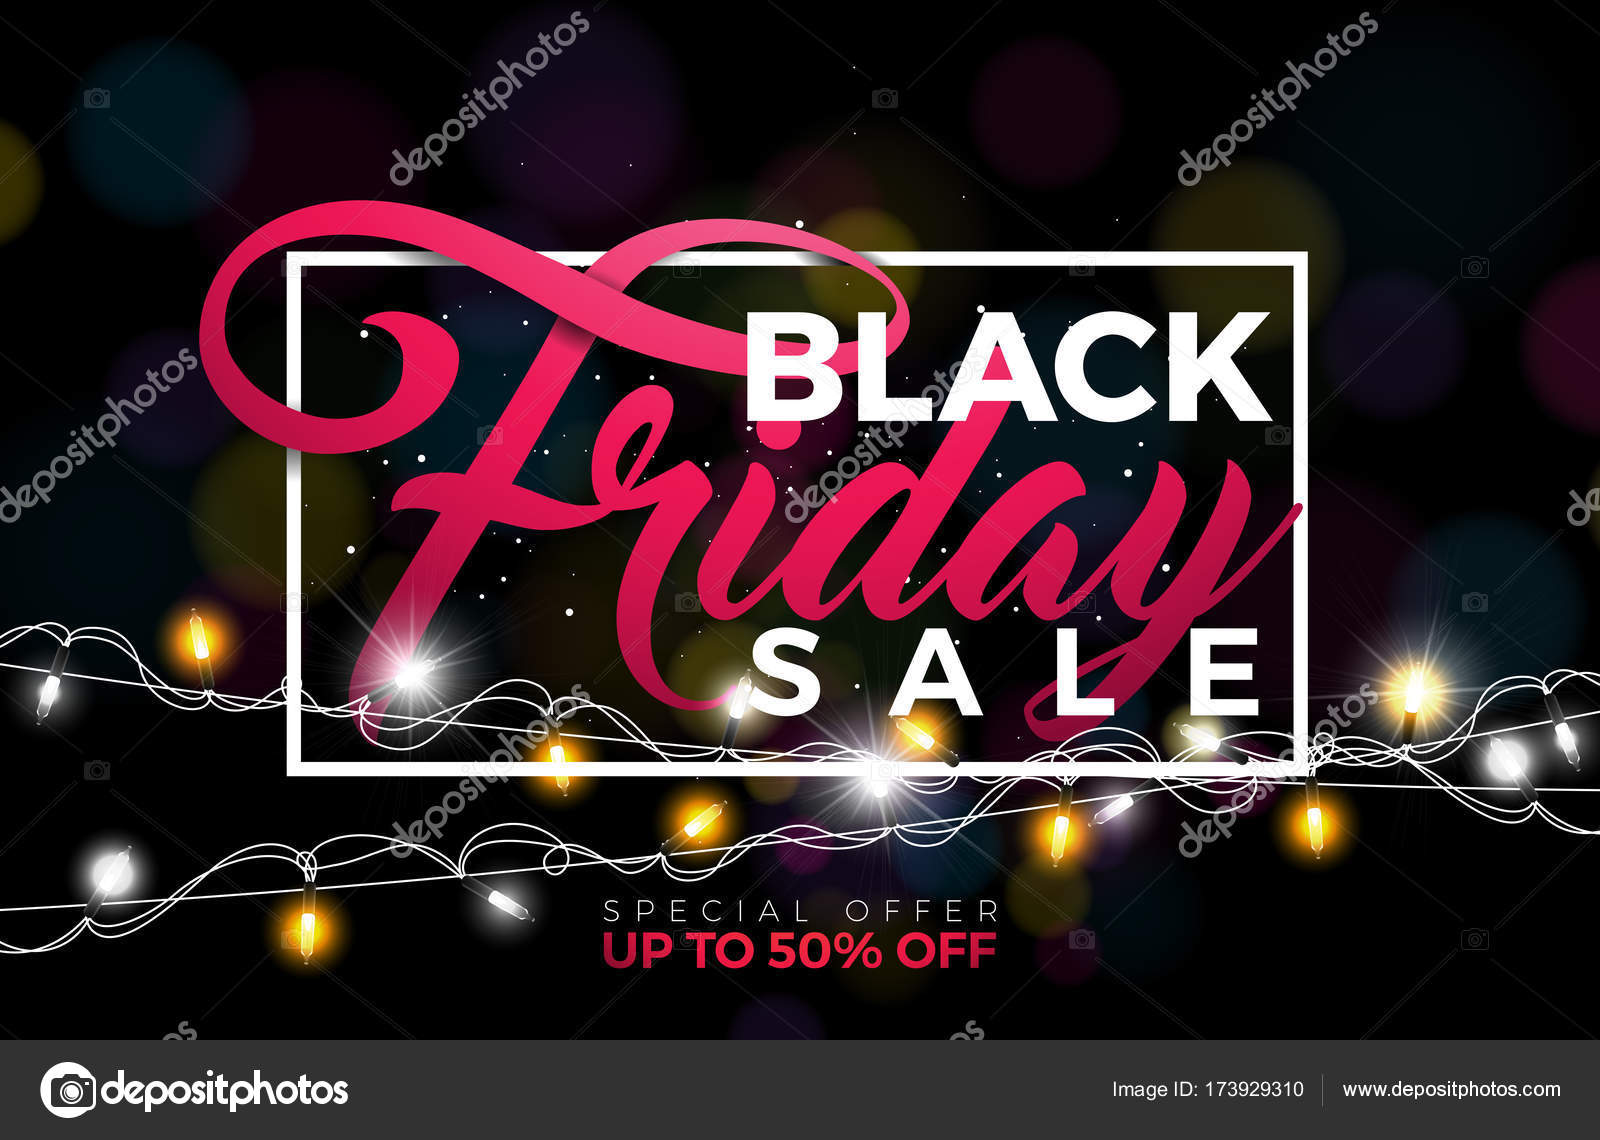 Black Friday verkoop vectorillustratie met verlichting van Garland ...